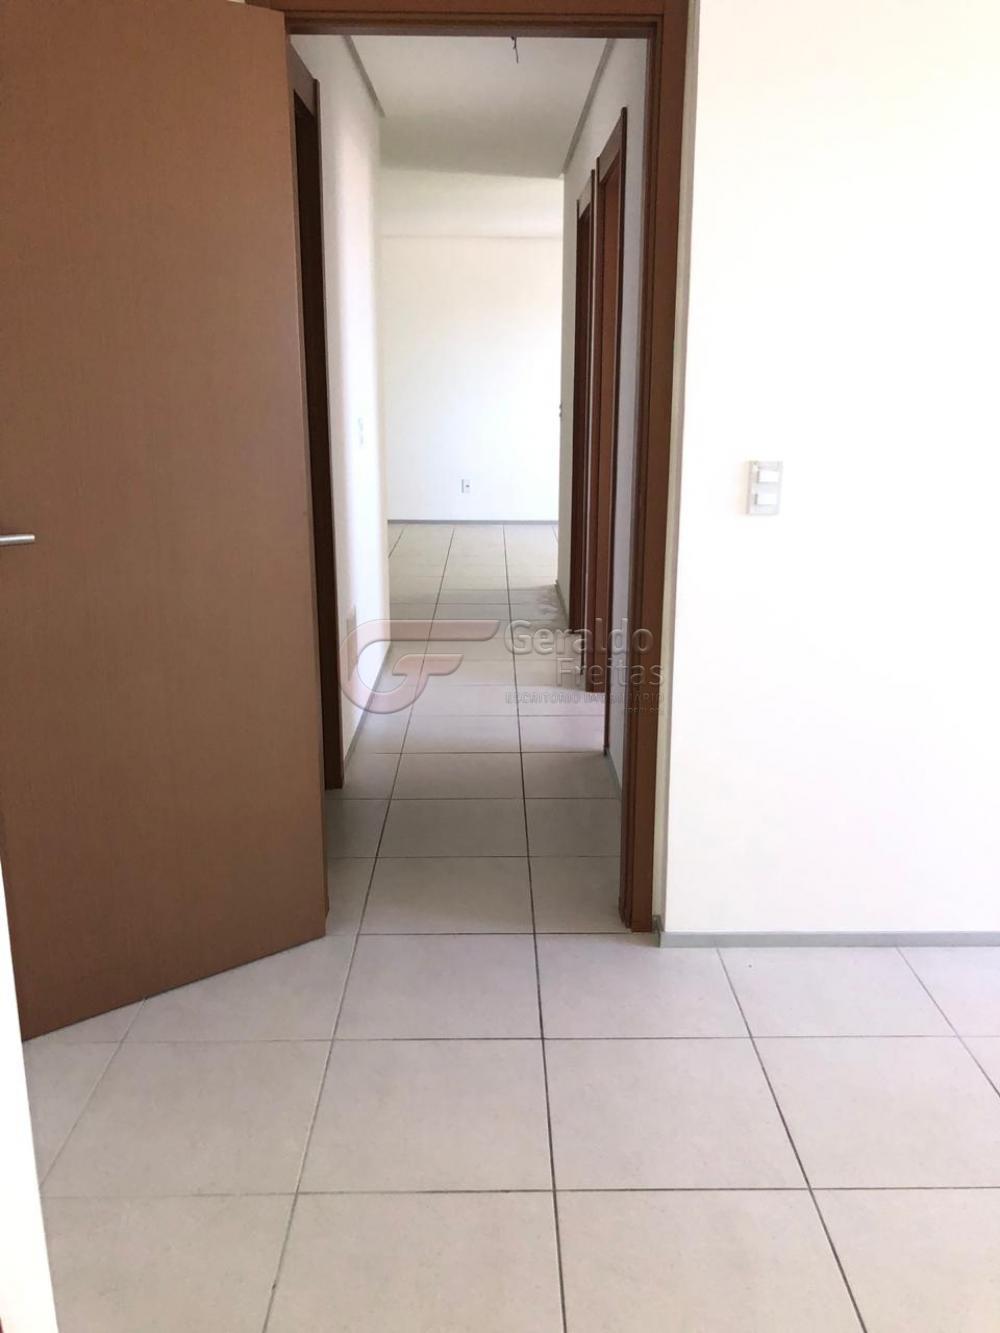 Comprar Apartamentos / Padrão em Maceió apenas R$ 380.000,00 - Foto 14